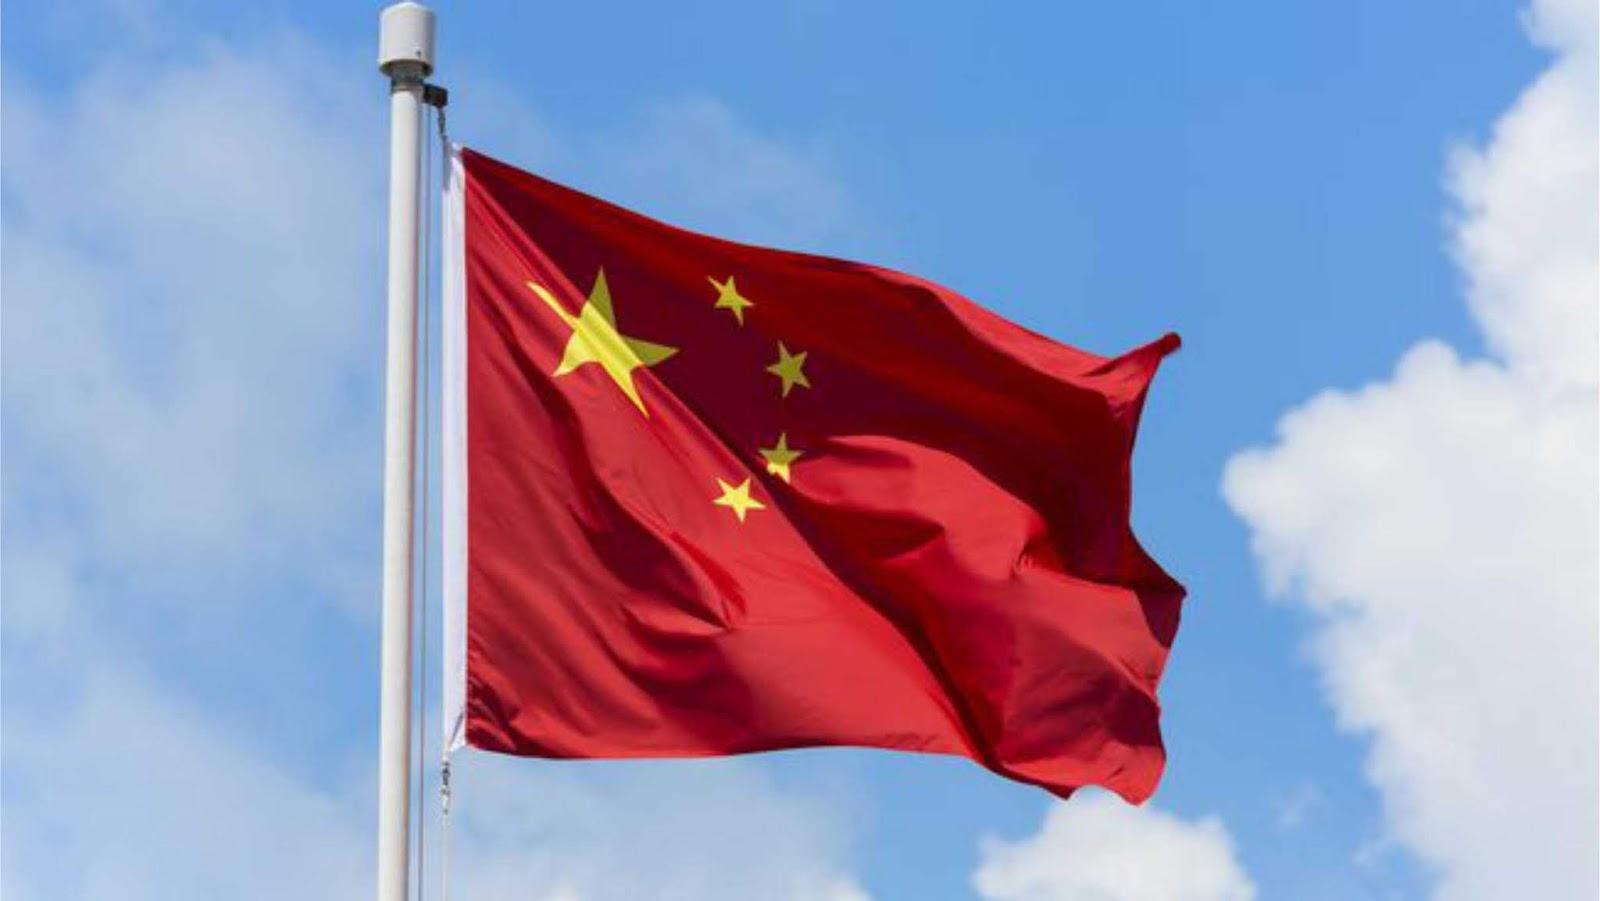 Cina menganggap tuduhan campur tangan tak berdasar dalam urusan AS absurditas terbesar